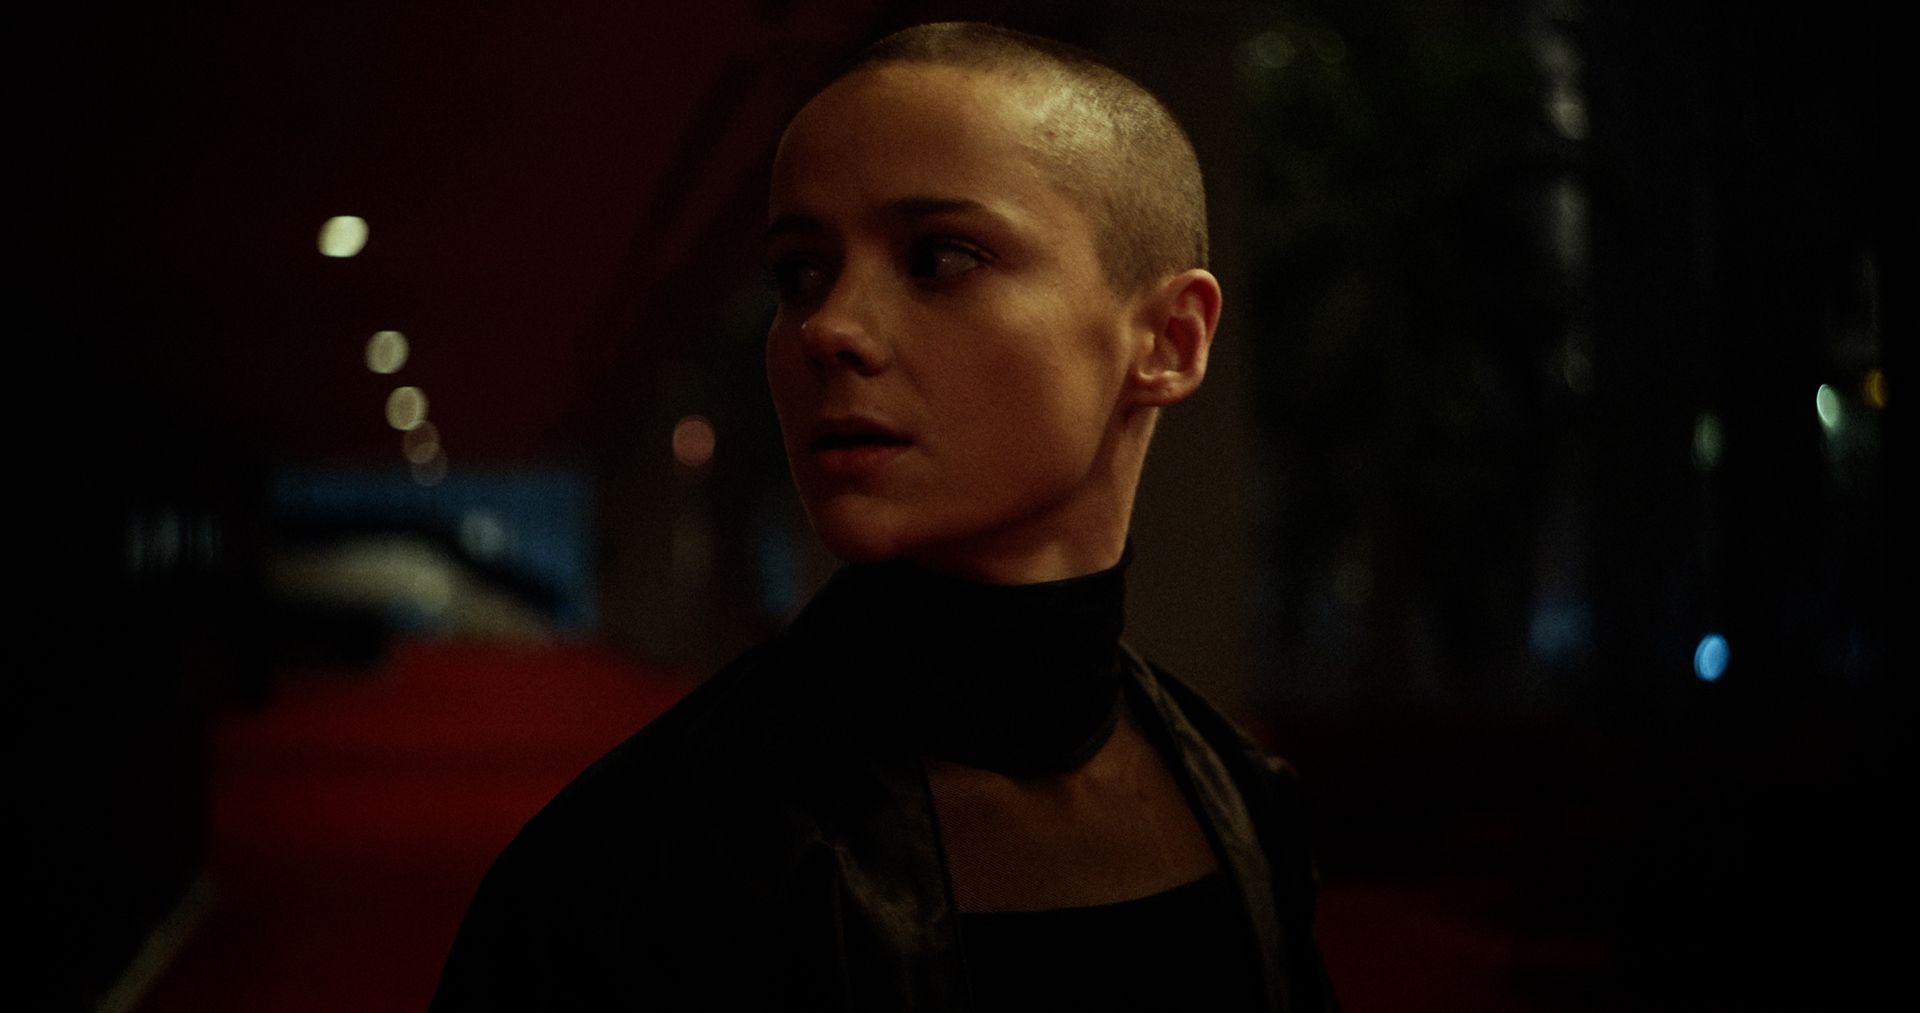 Gros plan sombre de la danseuse du vidéoclip avec un crâne rasé.